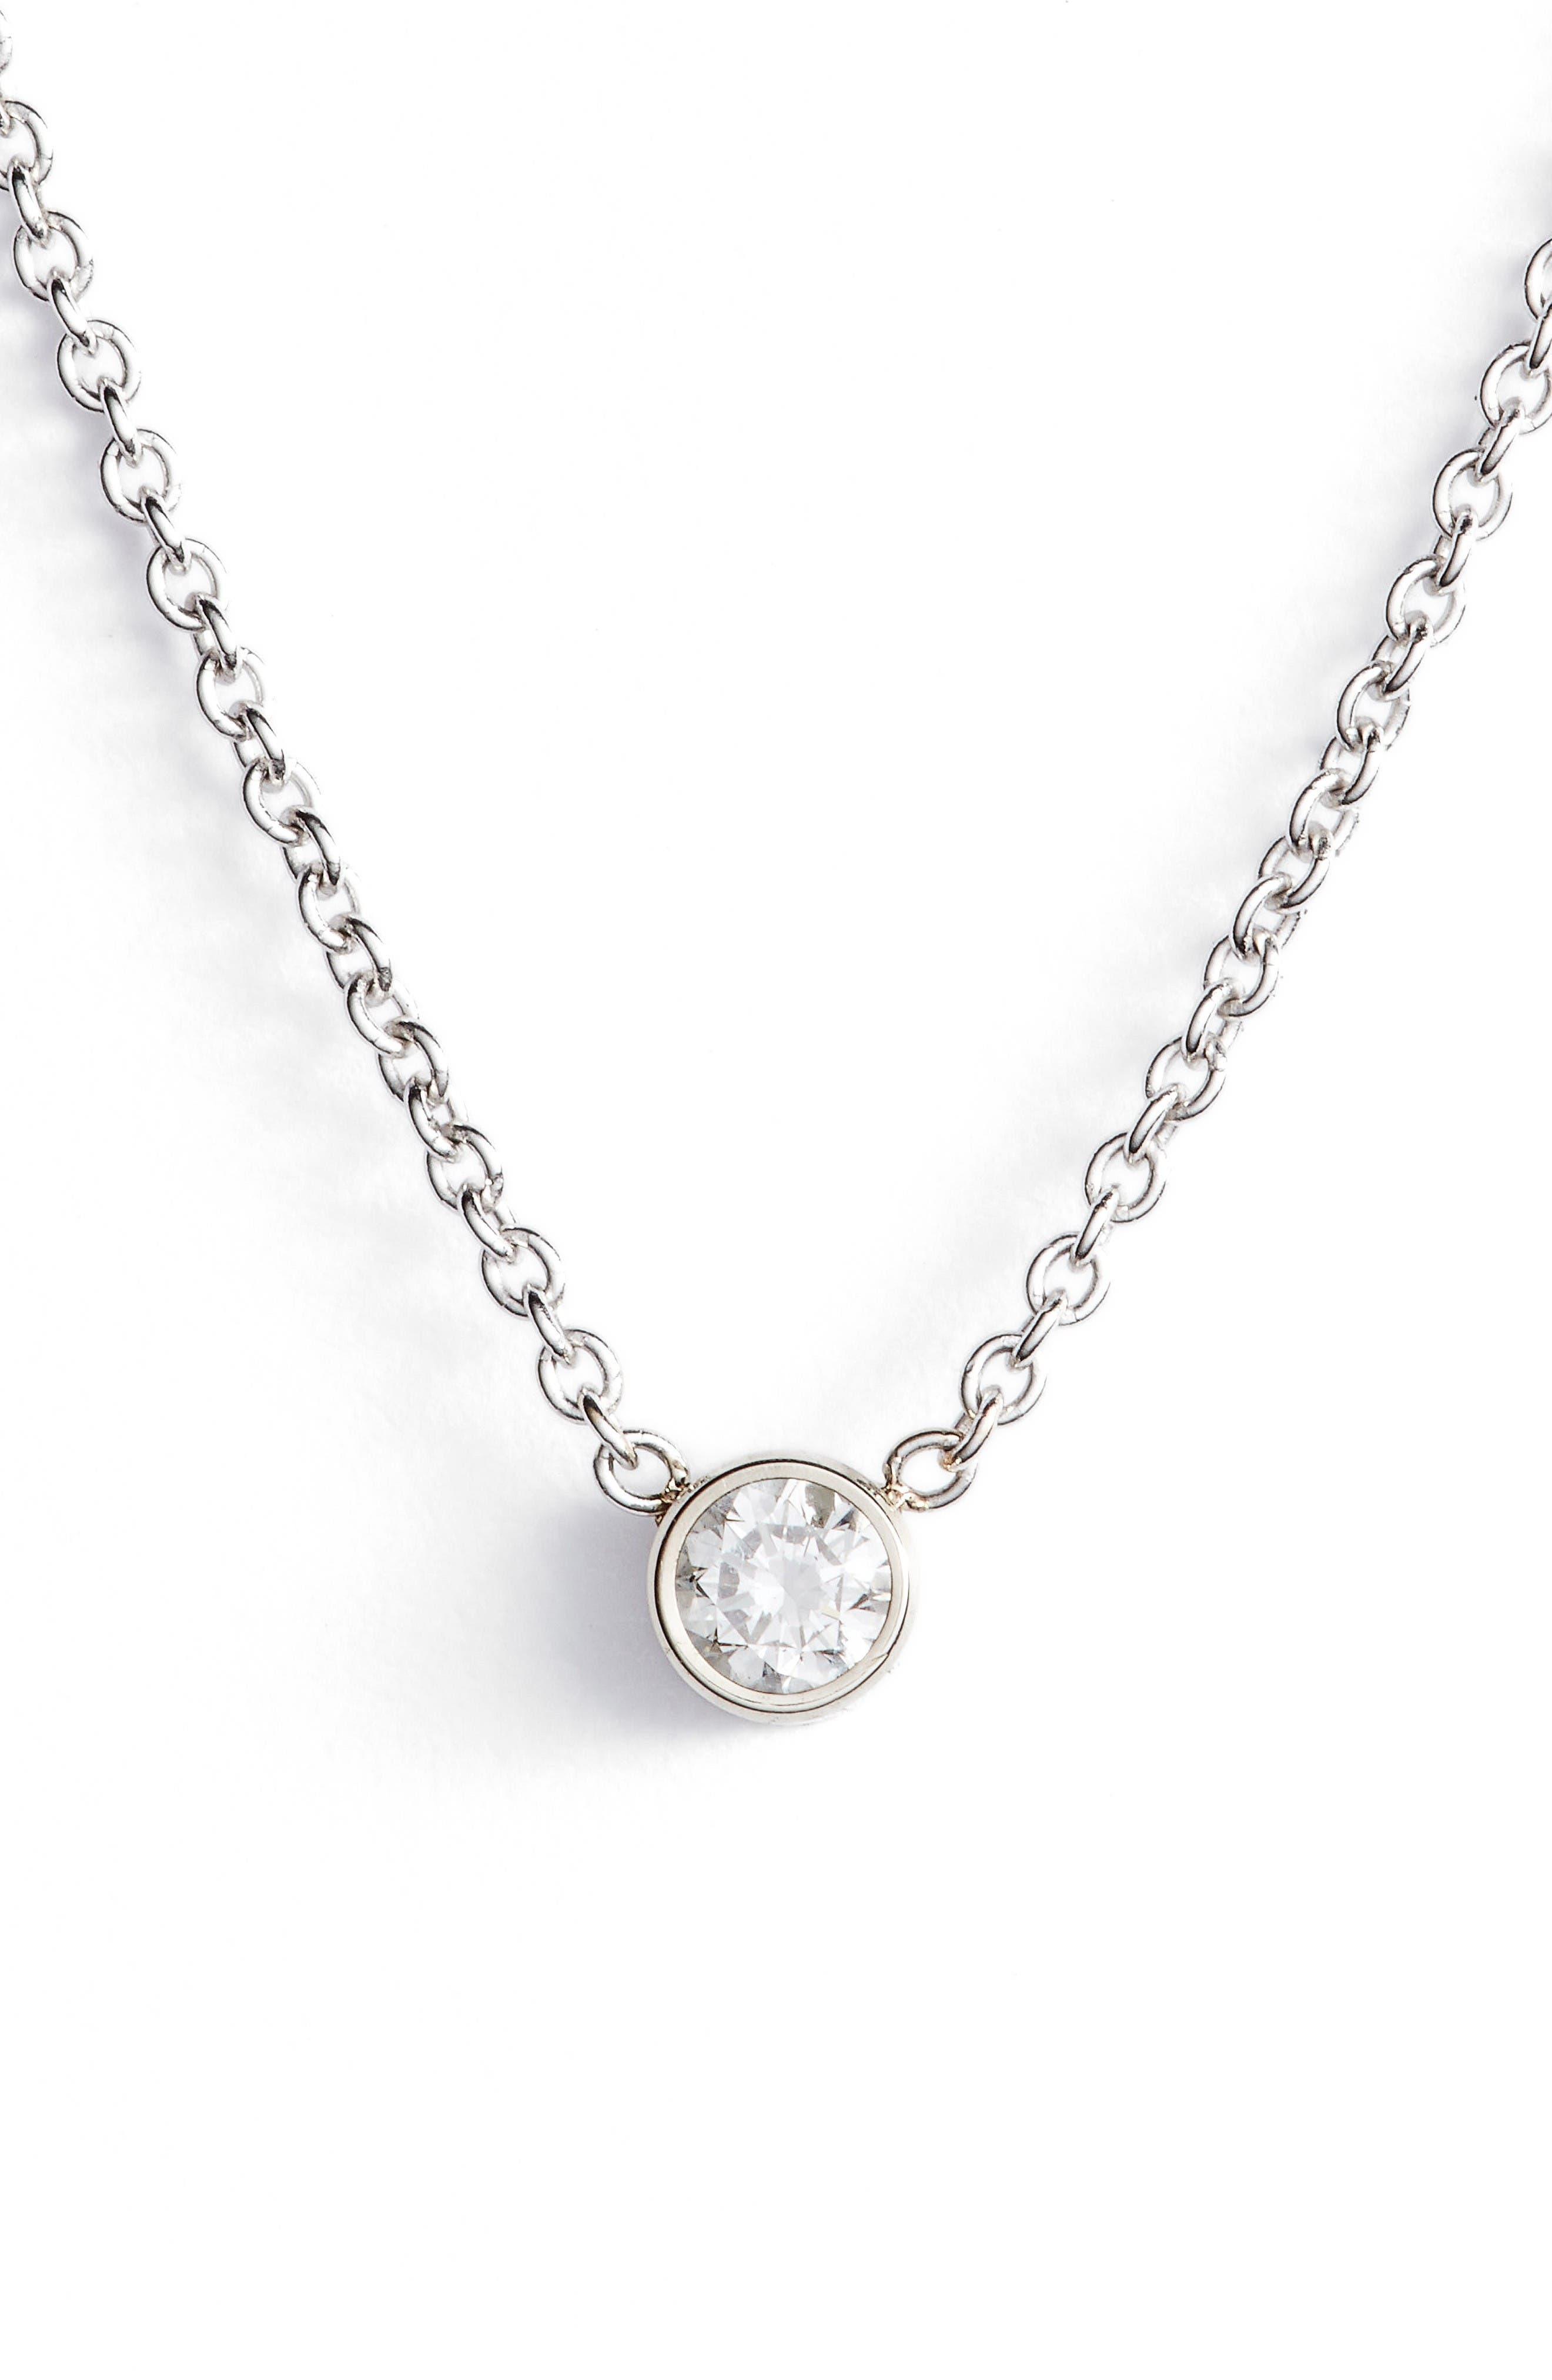 Women s Diamond Necklaces